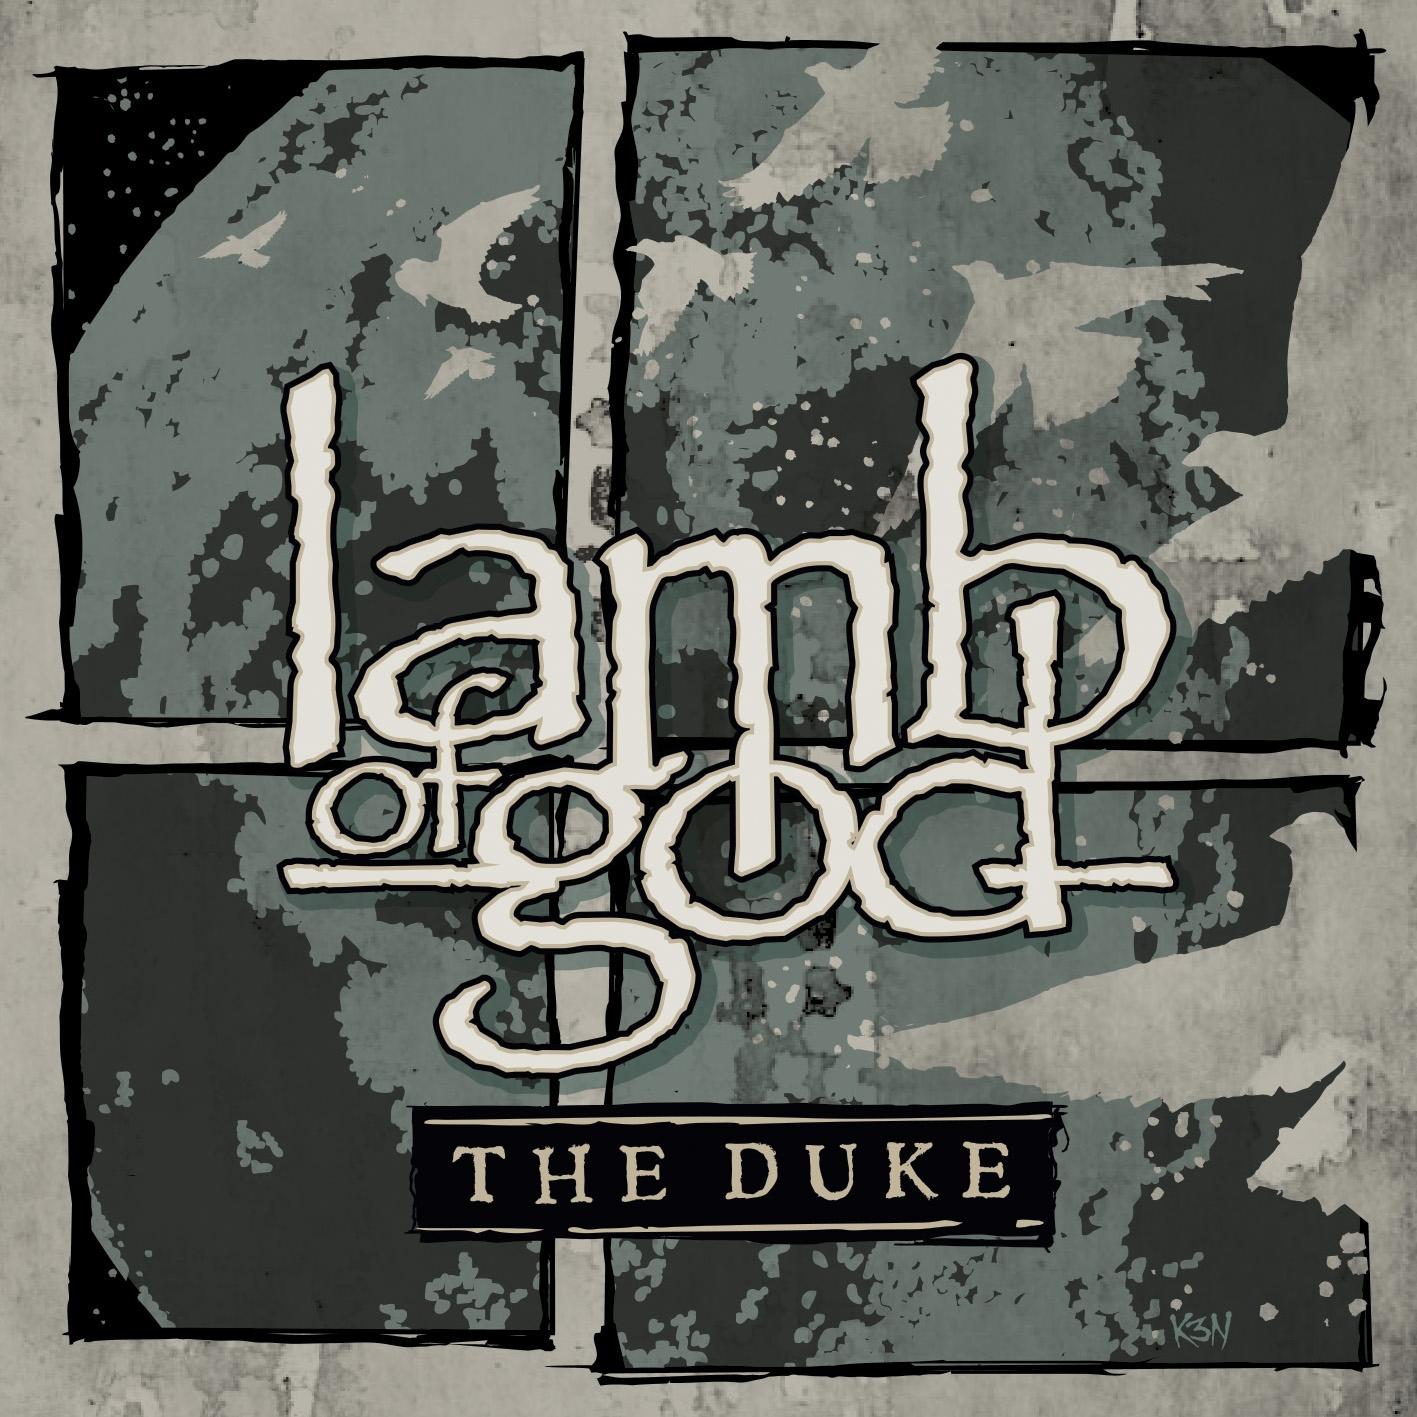 lamb-of-god-the-duke-artwork